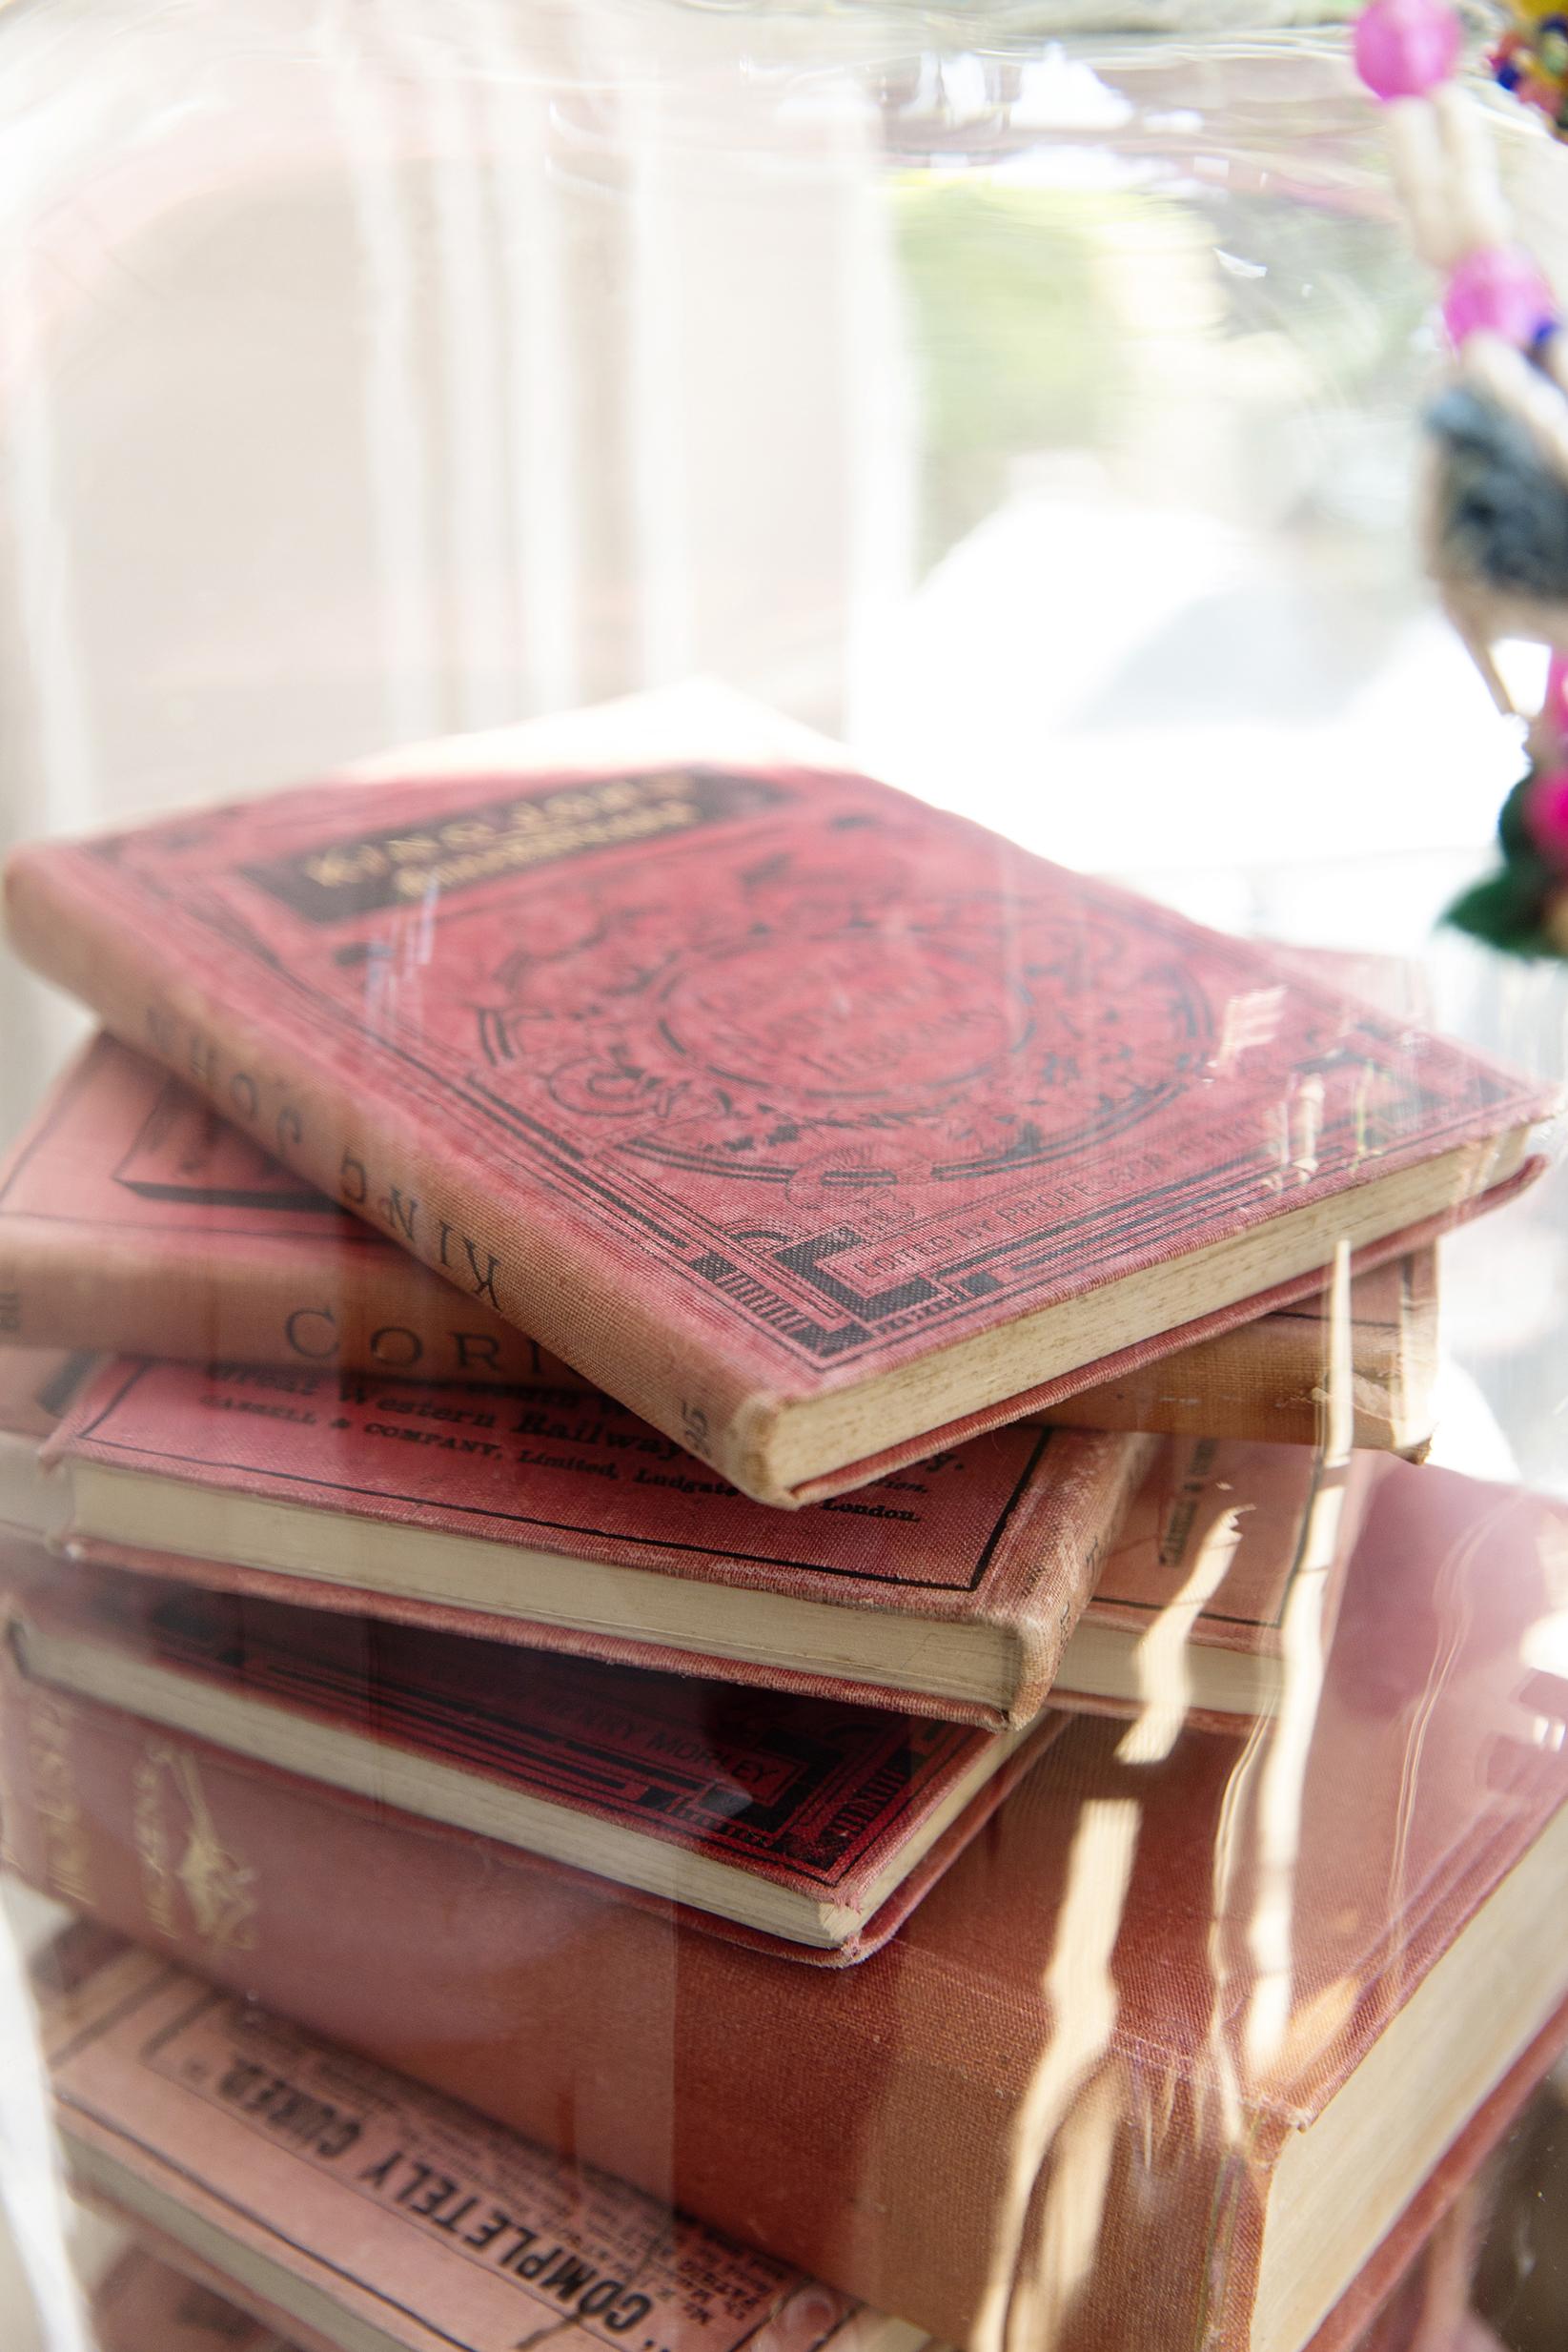 Books  004 copy.jpg